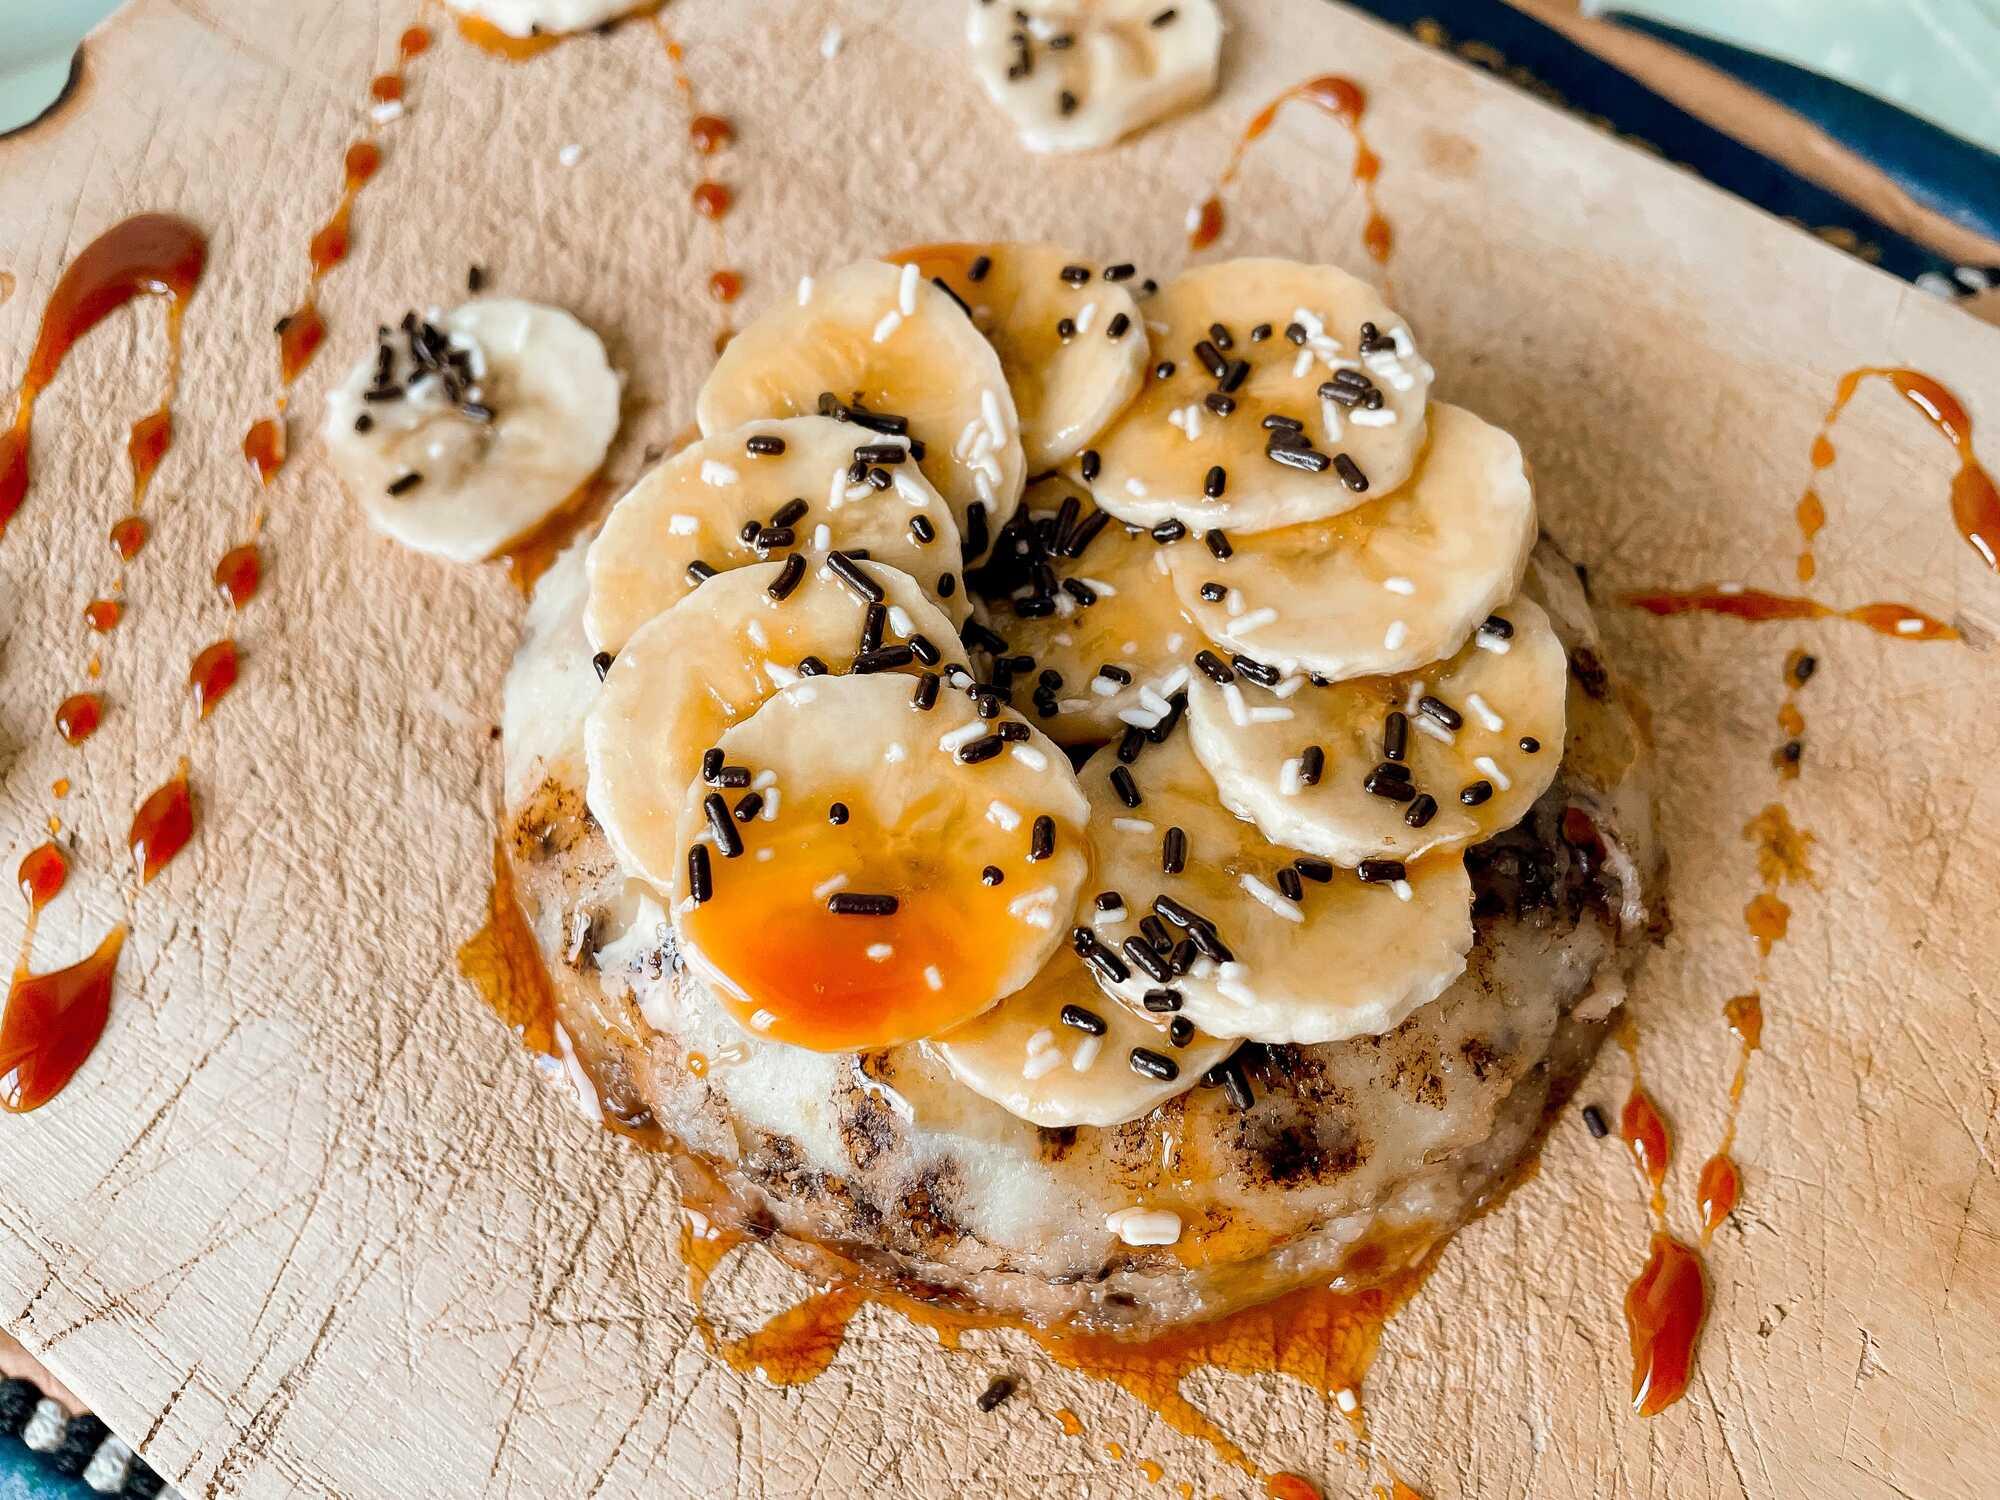 Le bowl cake protéiné est présenté sur une planche en bois et il est décoré de bananes et d'un nappage caramel sur le dessus.